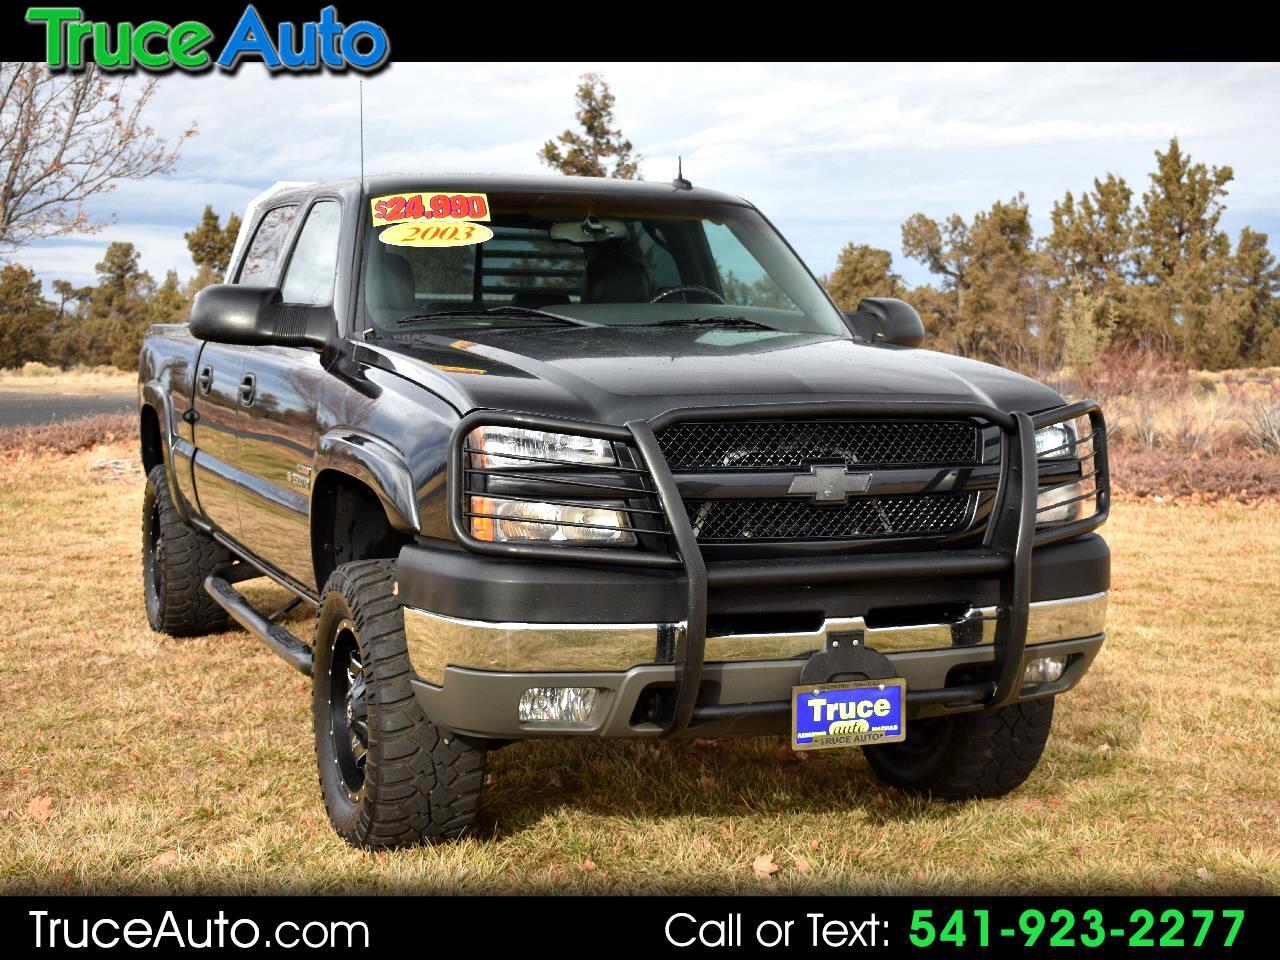 2003 Chevrolet Silverado 2500HD Crew Cab 4WD LT ***DIESEL***LOW MILES***